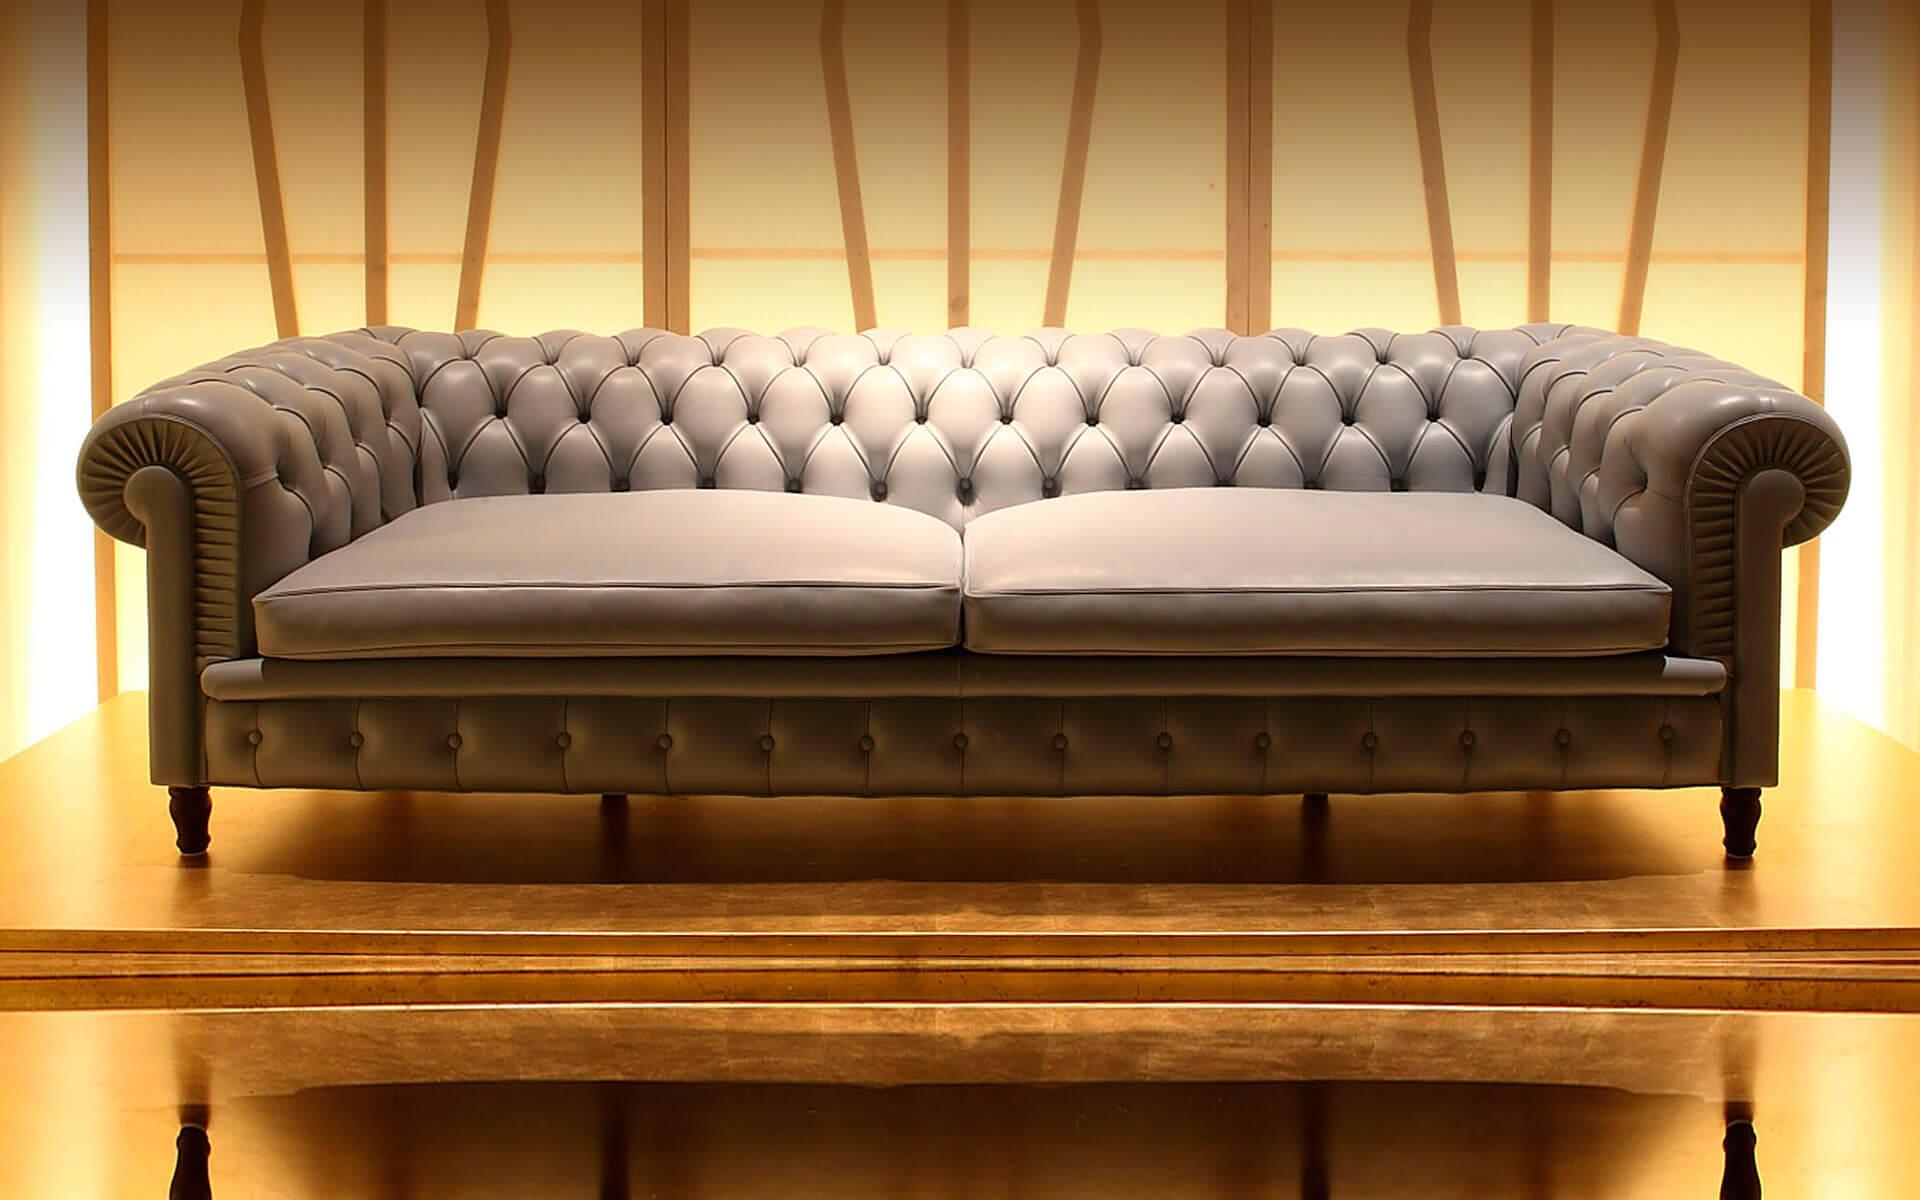 Tienda de muebles de dise o italiano for Muebles de diseno online outlet